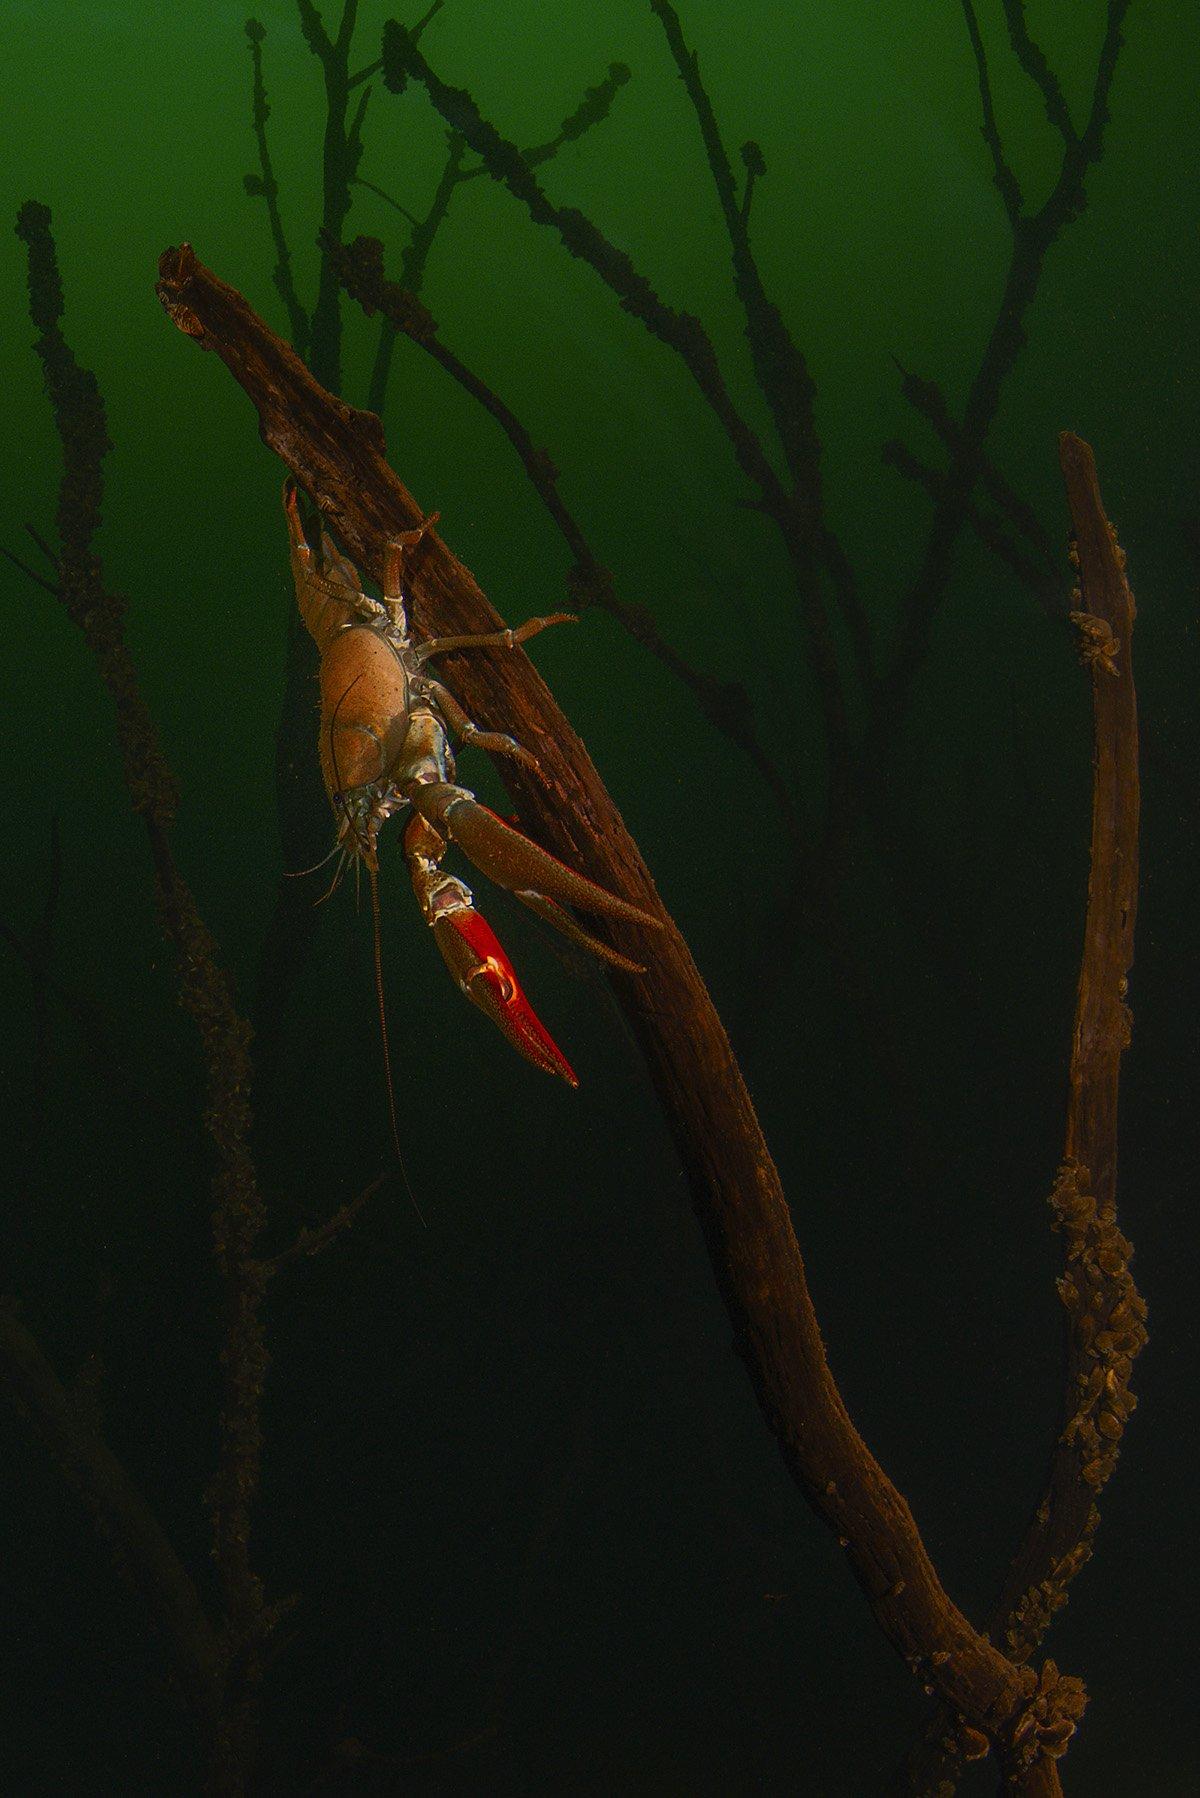 подводный лес, калининград, рак, подводный мир, холодные водоемы, Кирпиченкова (Клипп) Евгения